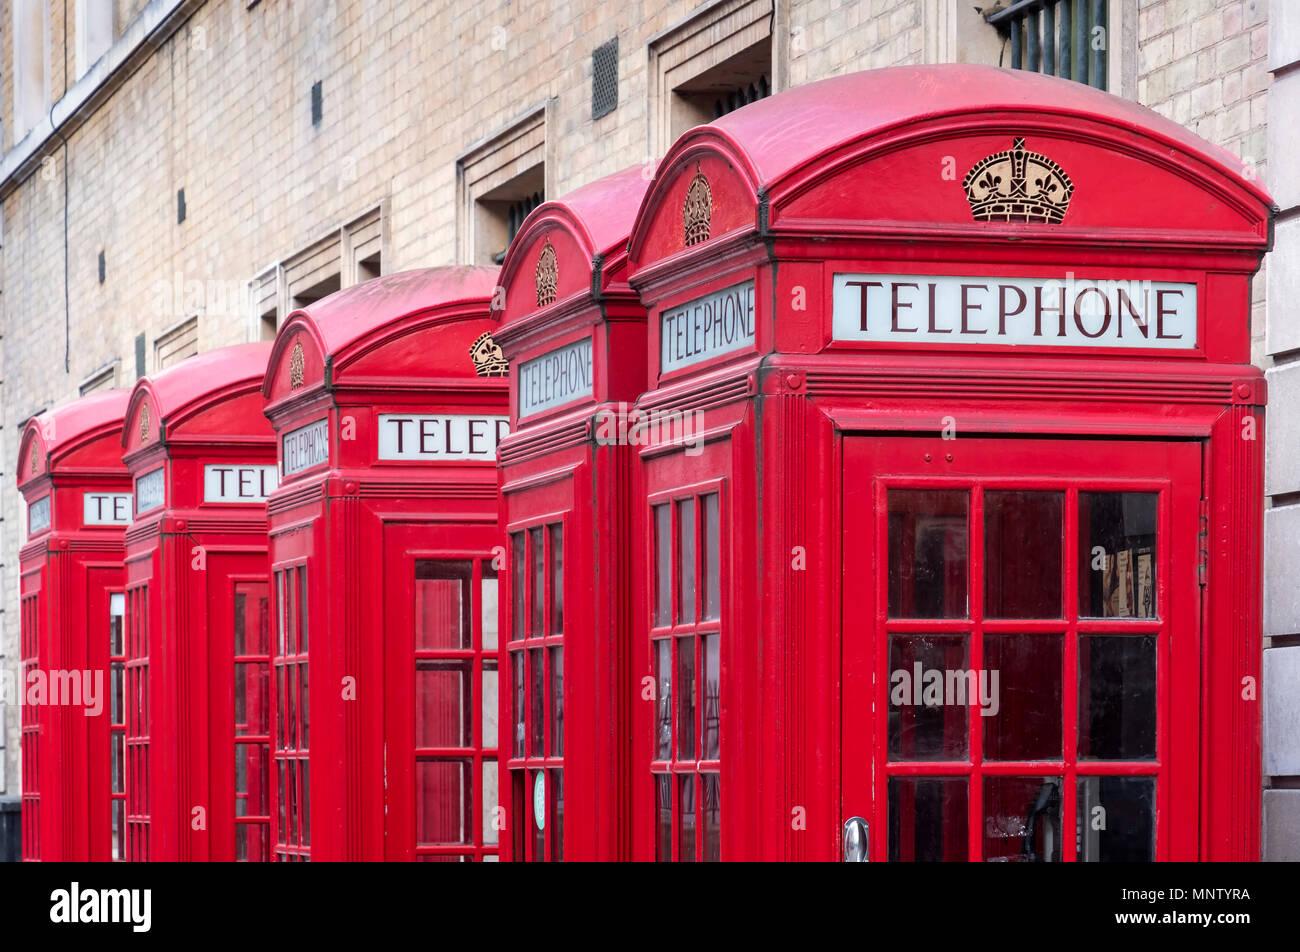 Eine Reihe von Roten britische Telefonzellen, London, England, Großbritannien Stockfoto